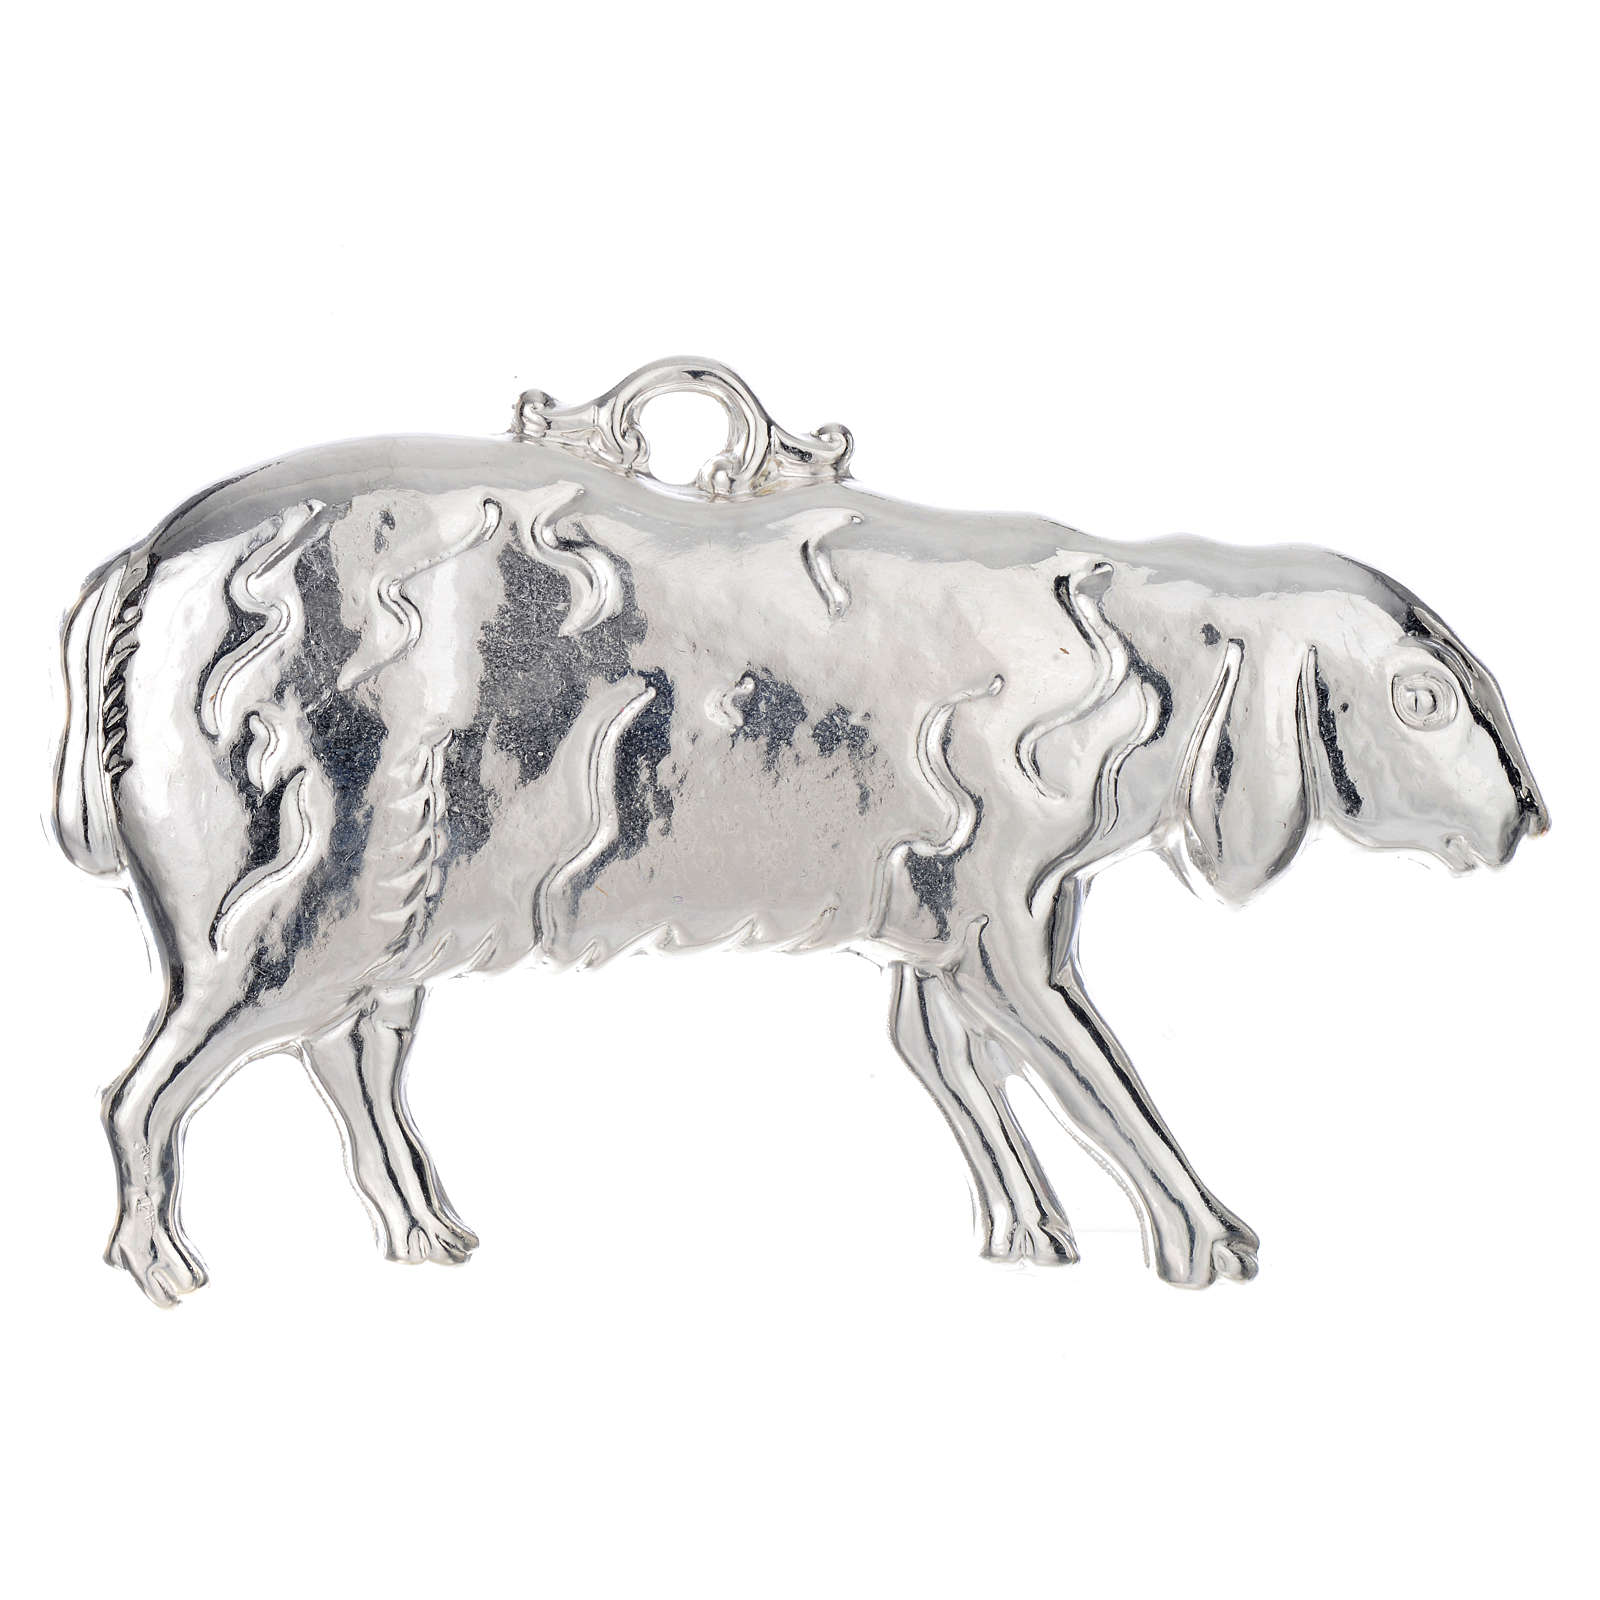 Ex-voto oveja tendido plata 925 o metal 11 x 6 cm. 3